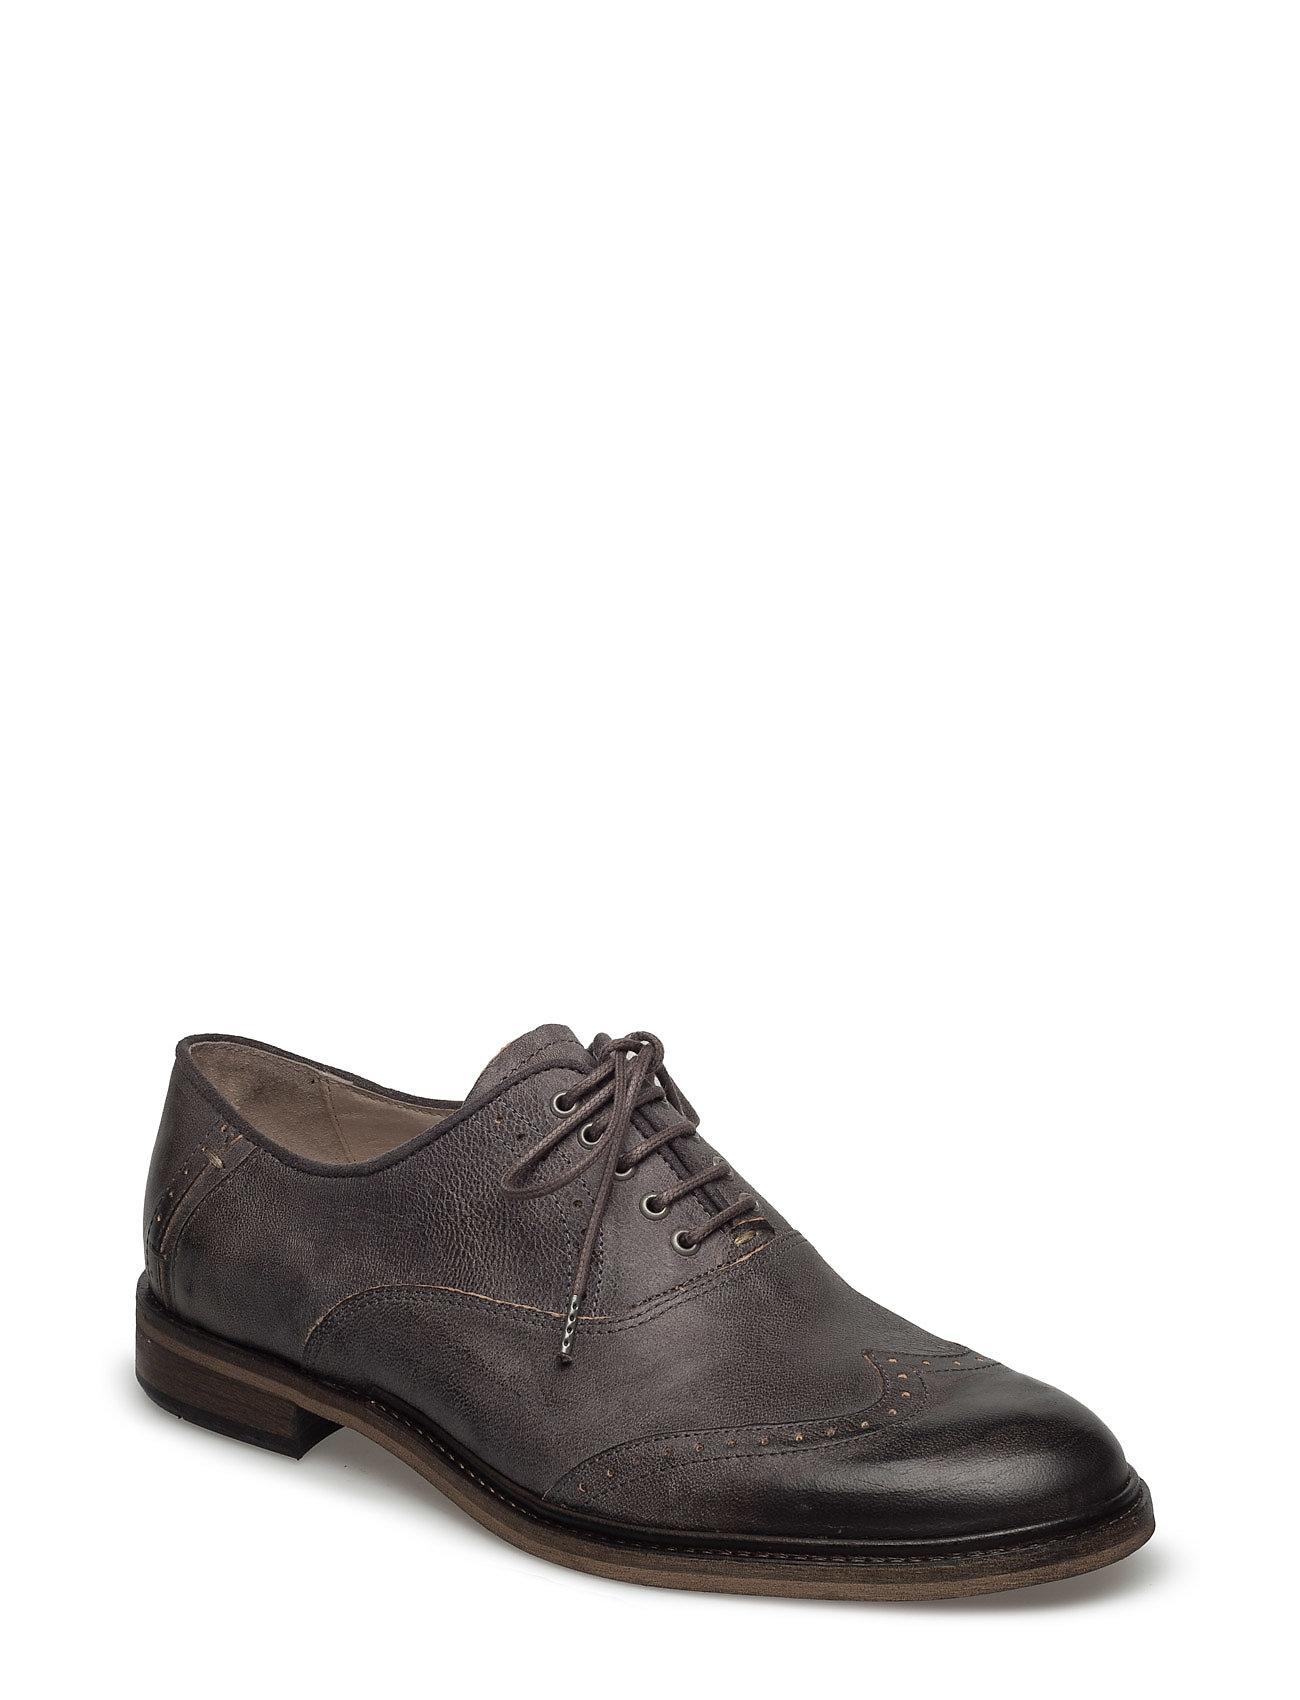 Blackton Sneaky Steve Casual sko til Herrer i Oliven